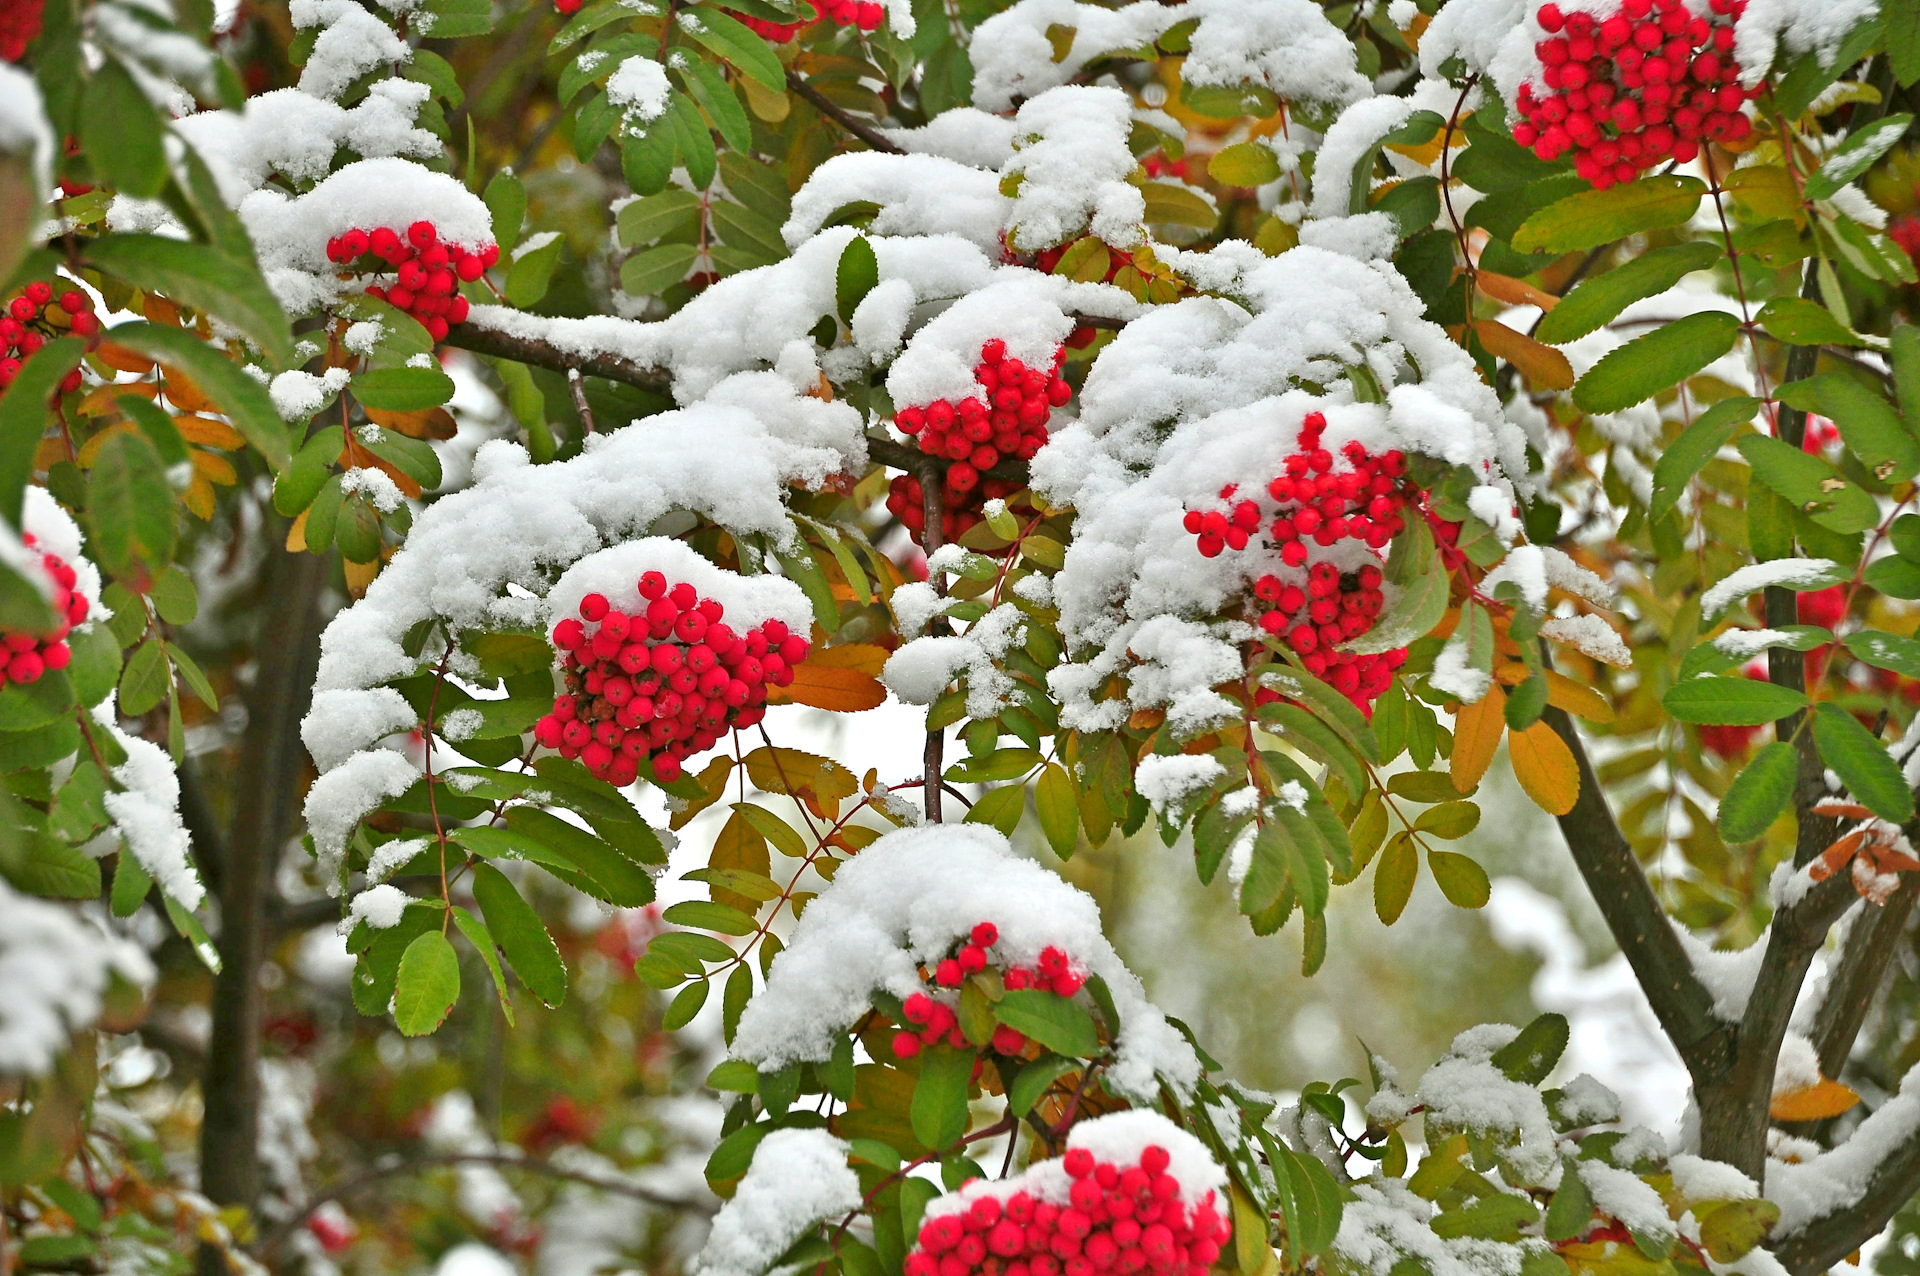 дерево рябины в снегу картинки папье-маше